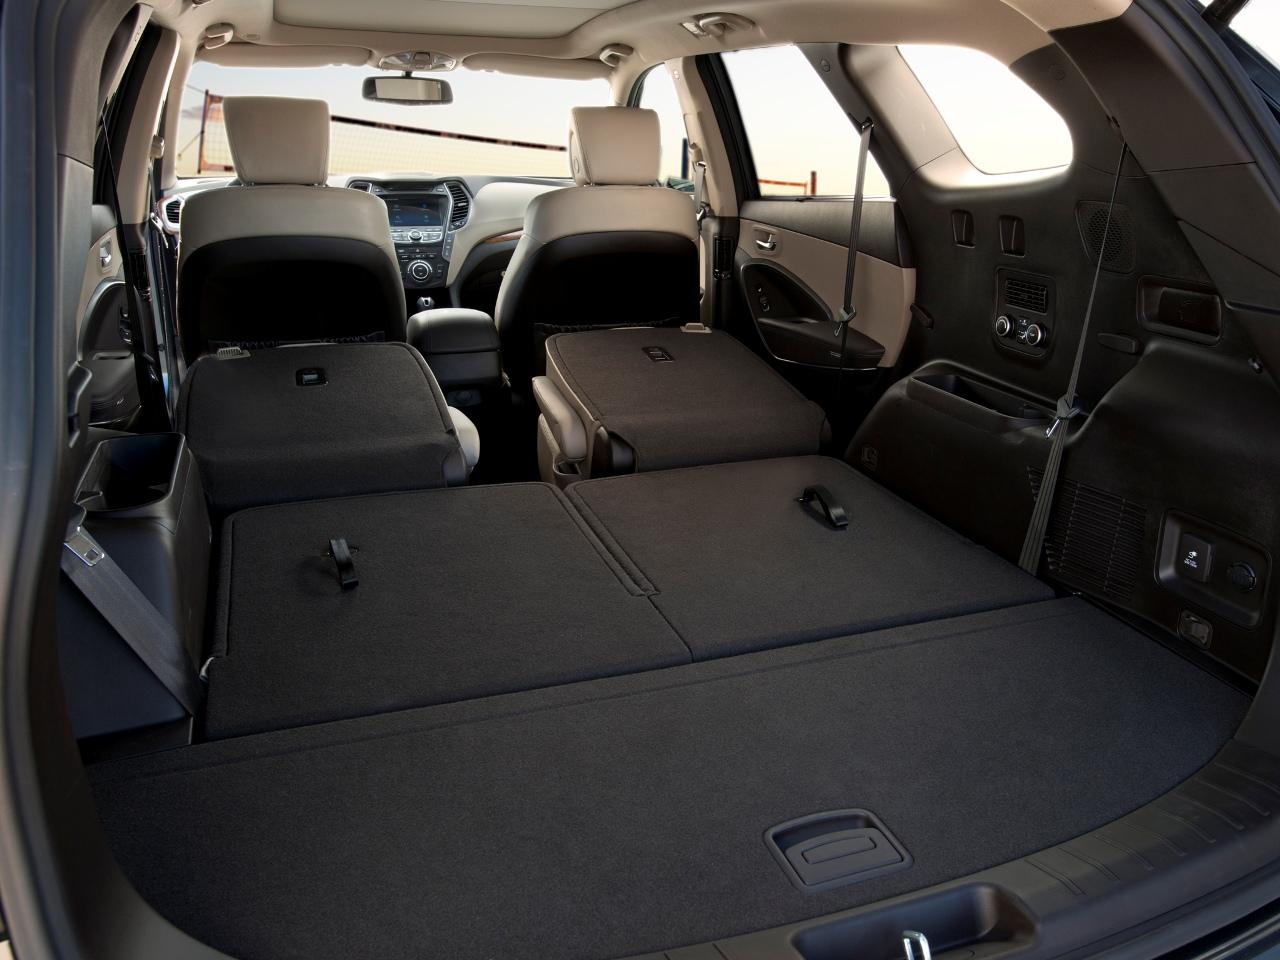 hyundai ix55 .багажник